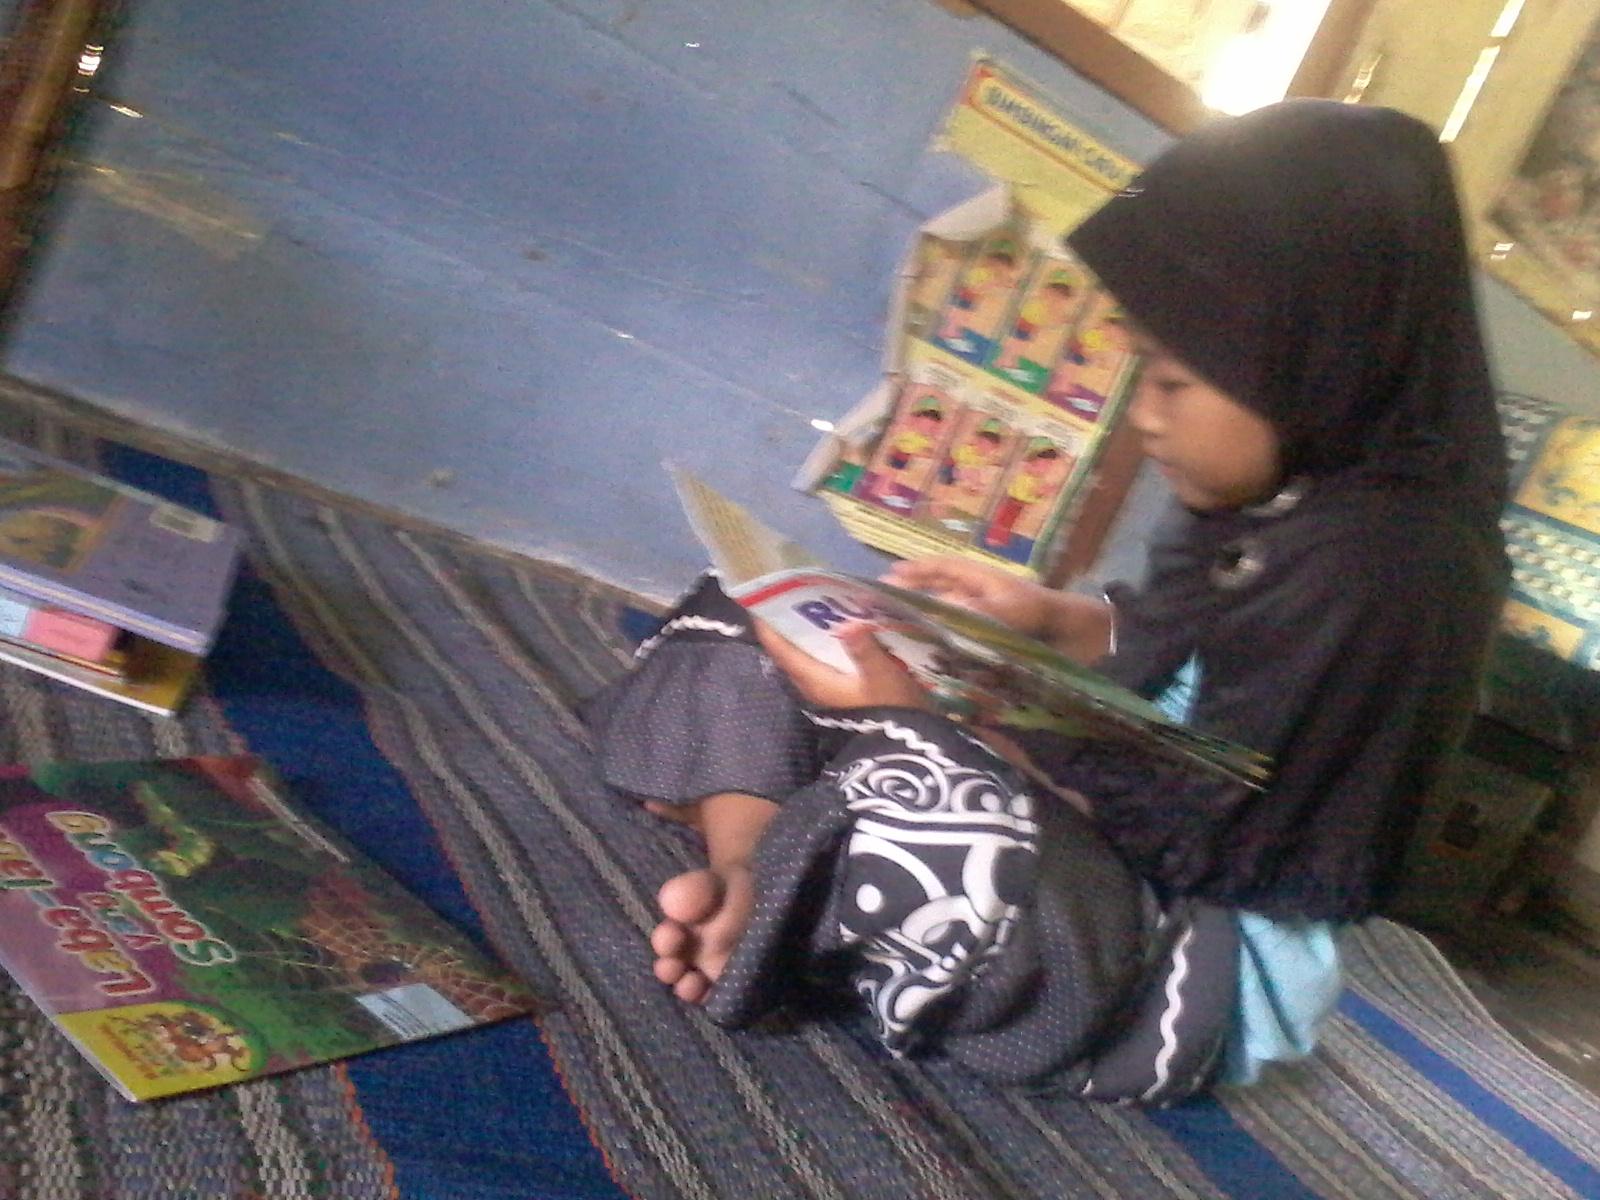 Jendela dunia dengan membaca